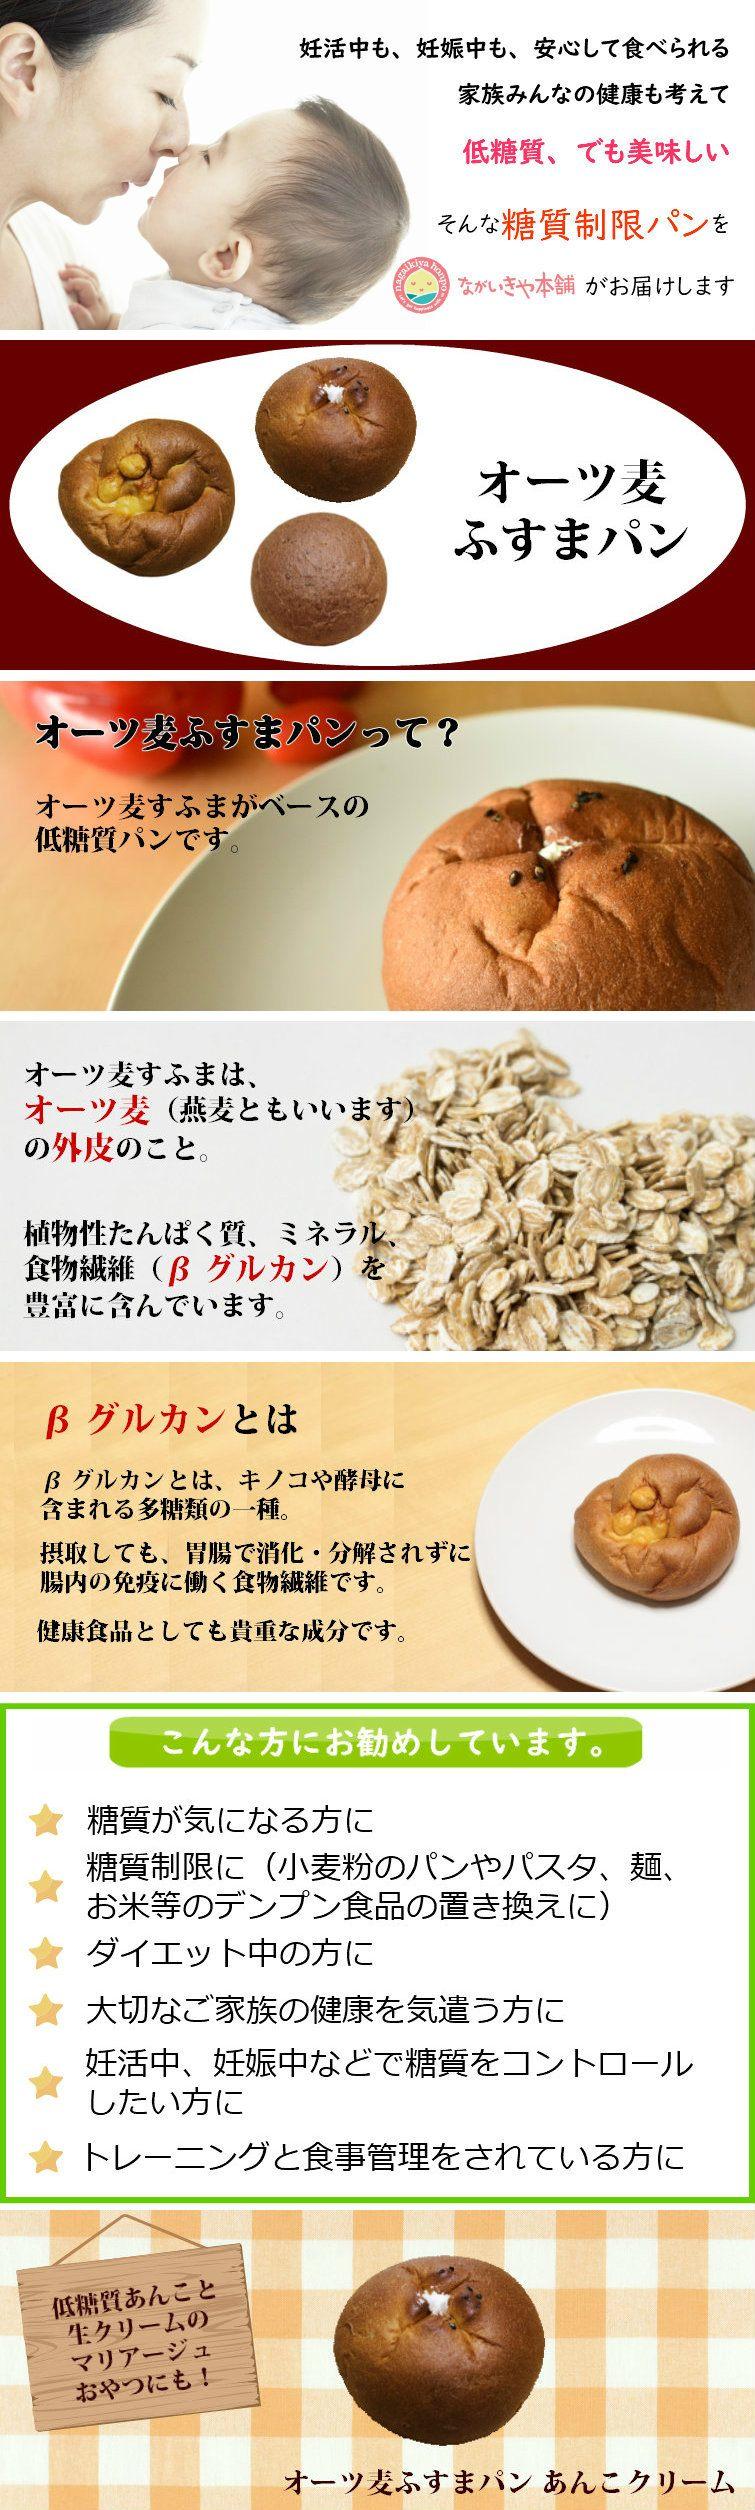 オーツ麦のふすまパンあんこクリーム